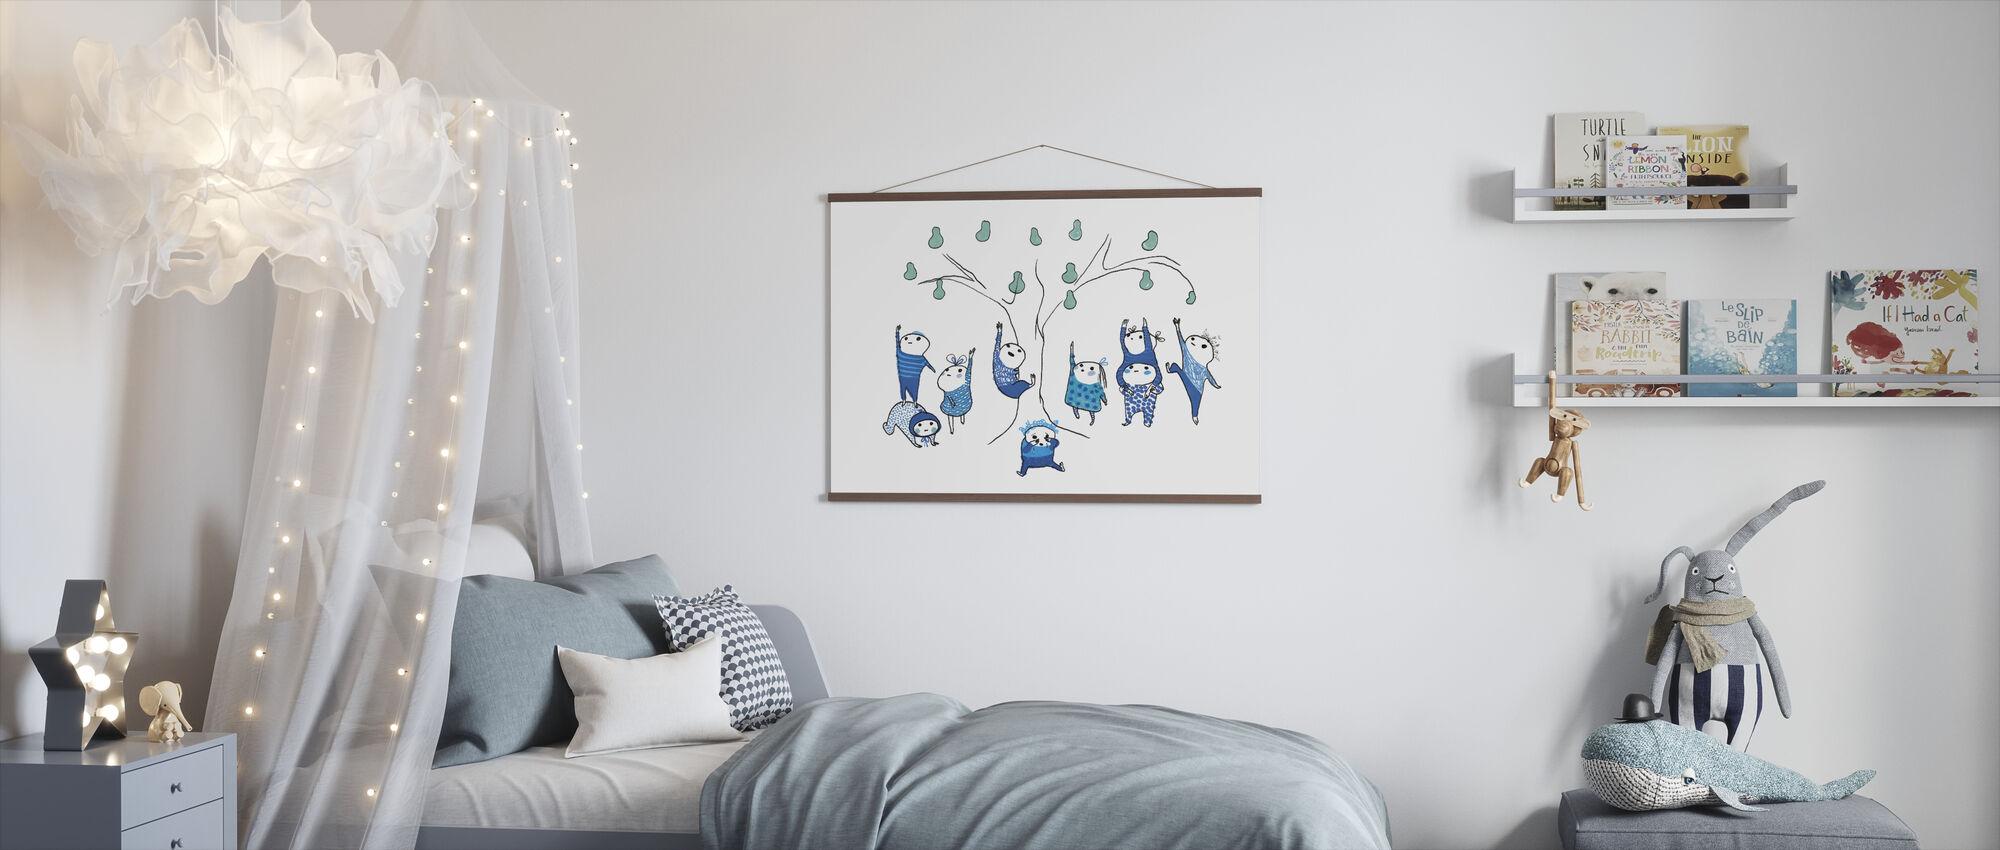 Negen klein blauw kan niet bereiken - Poster - Kinderkamer